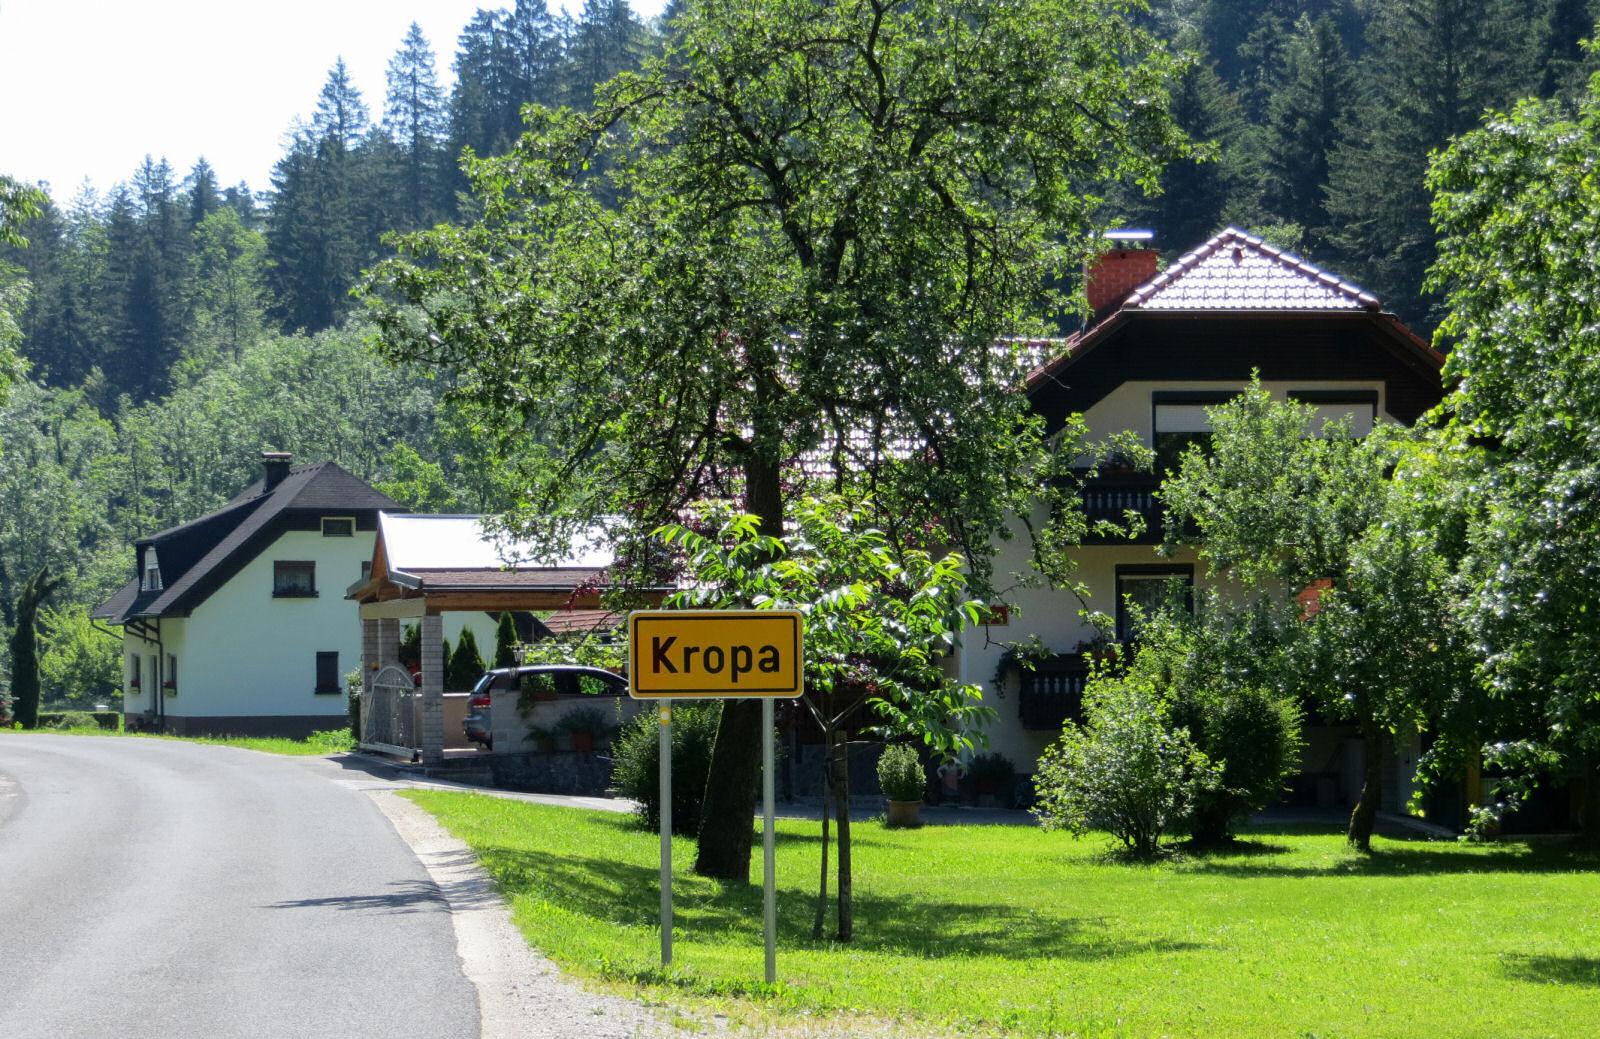 Kropa signboard